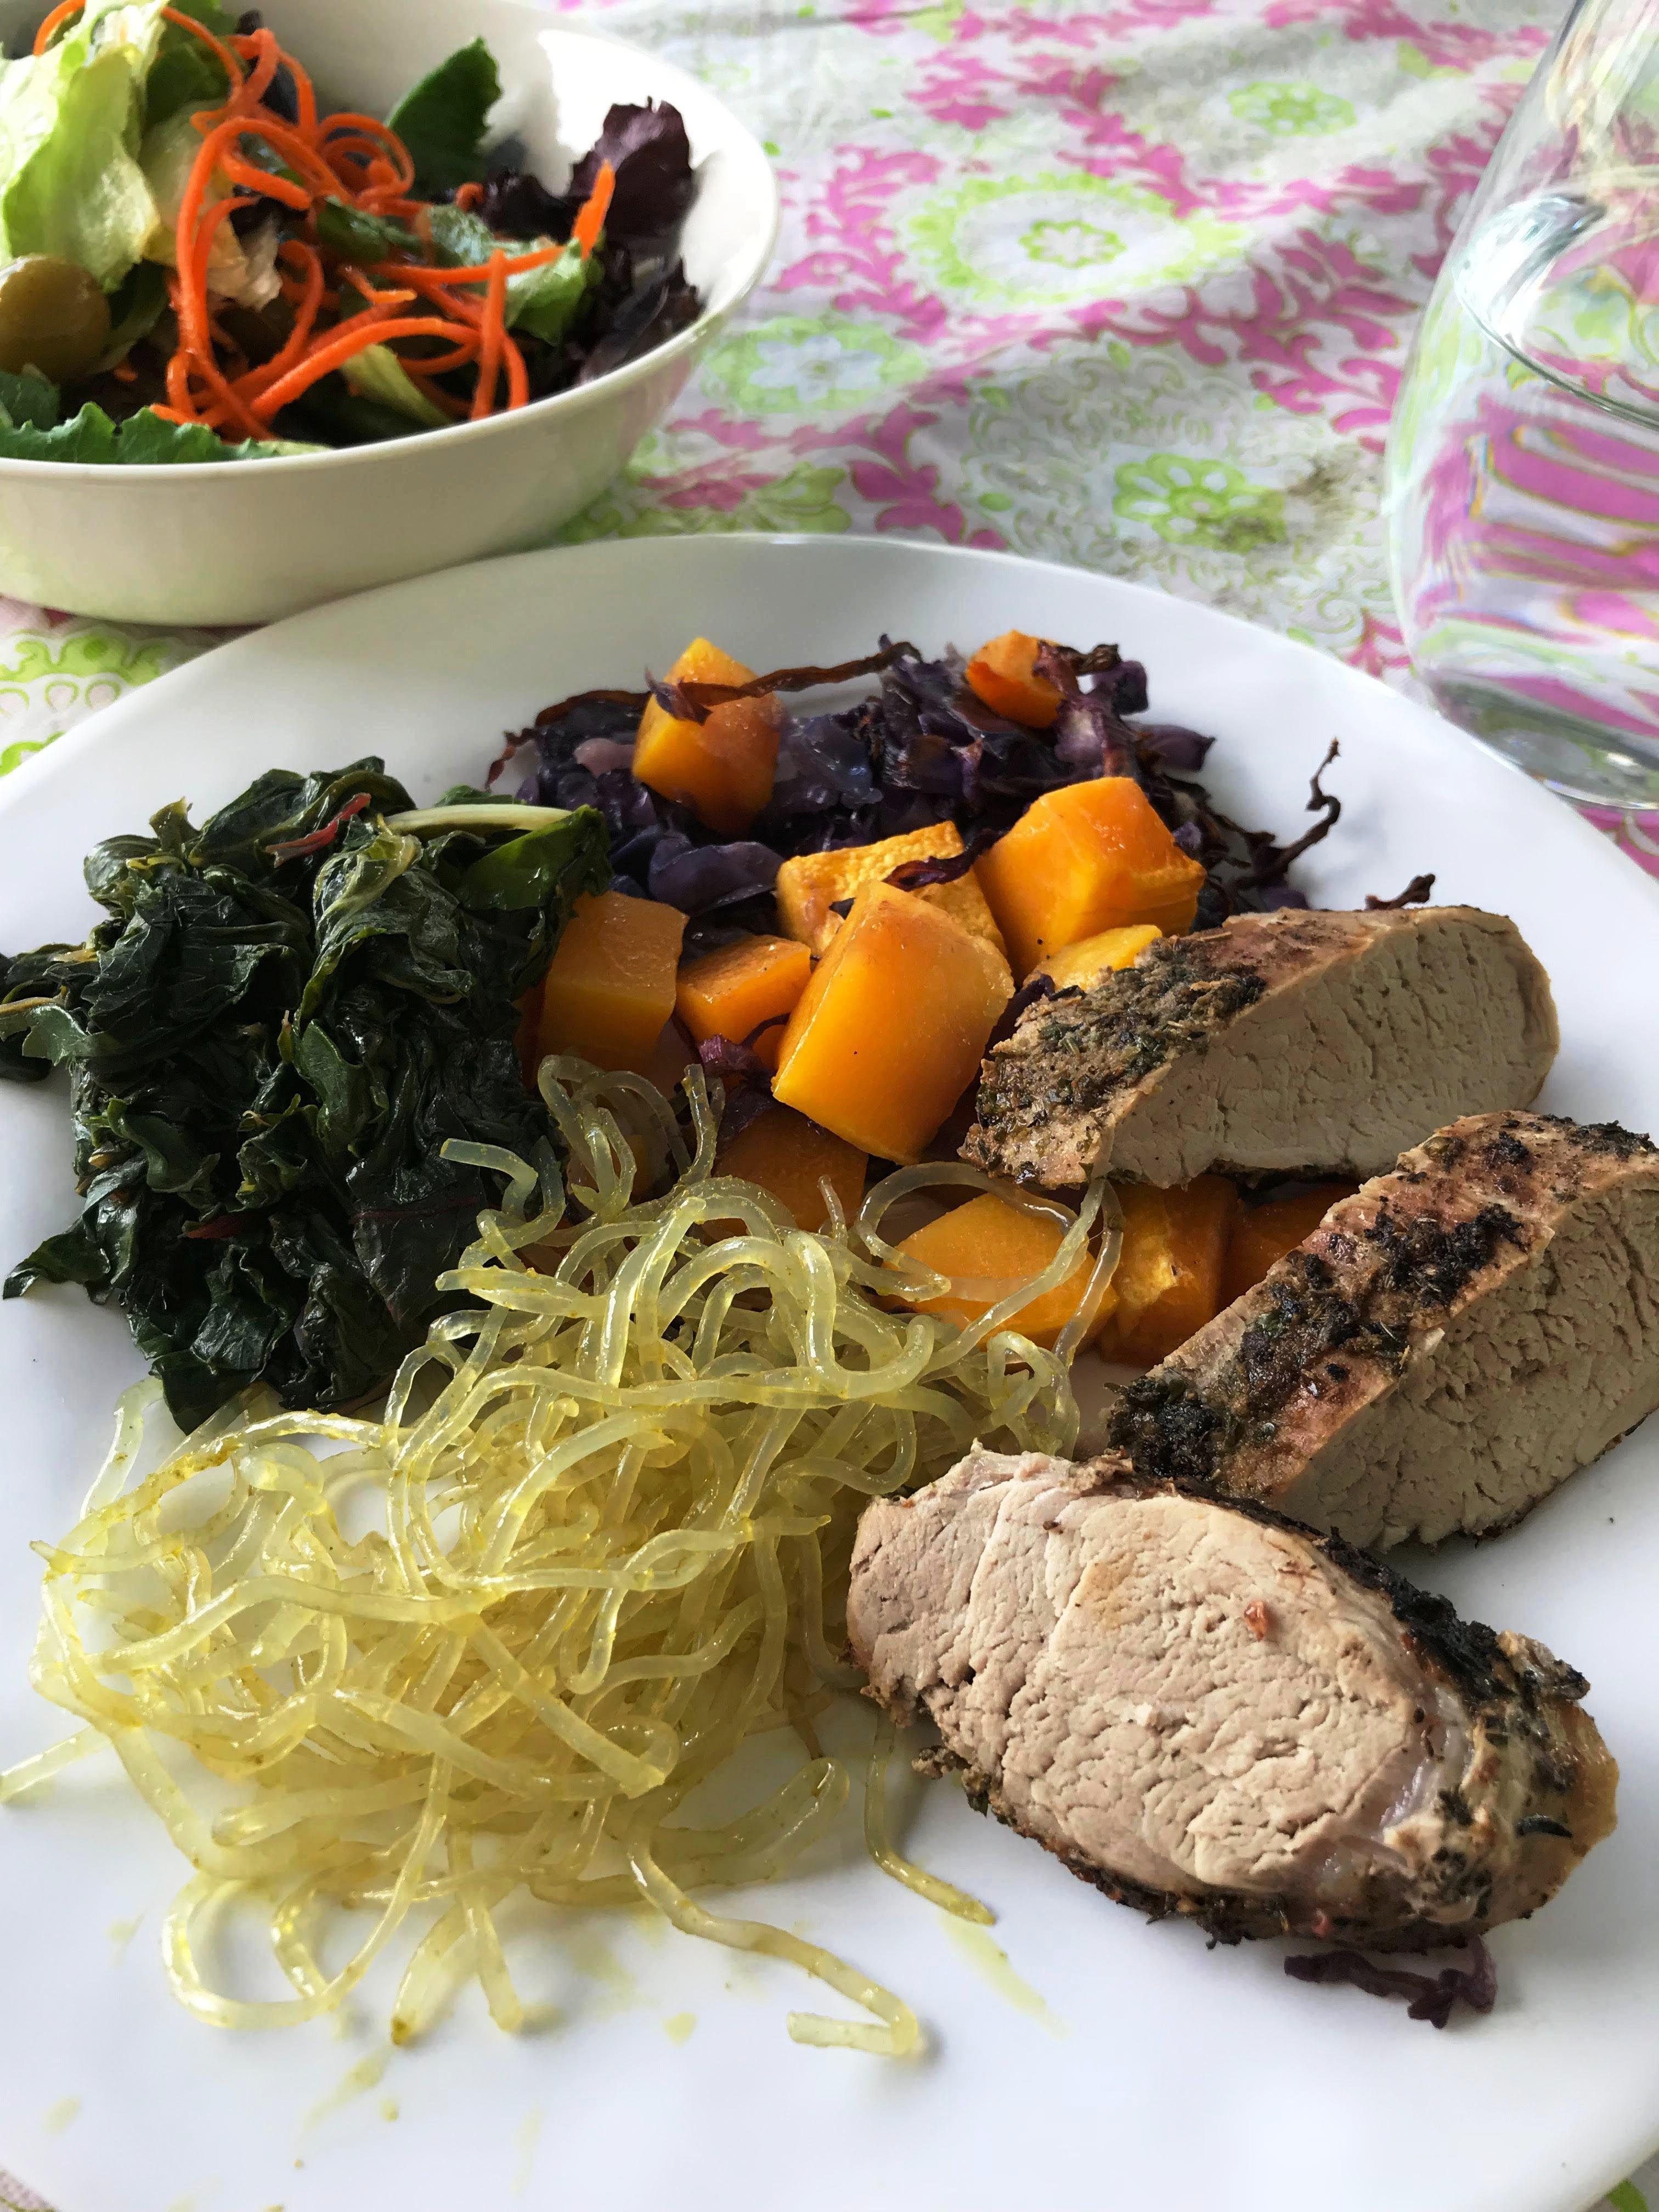 plated pork dinner